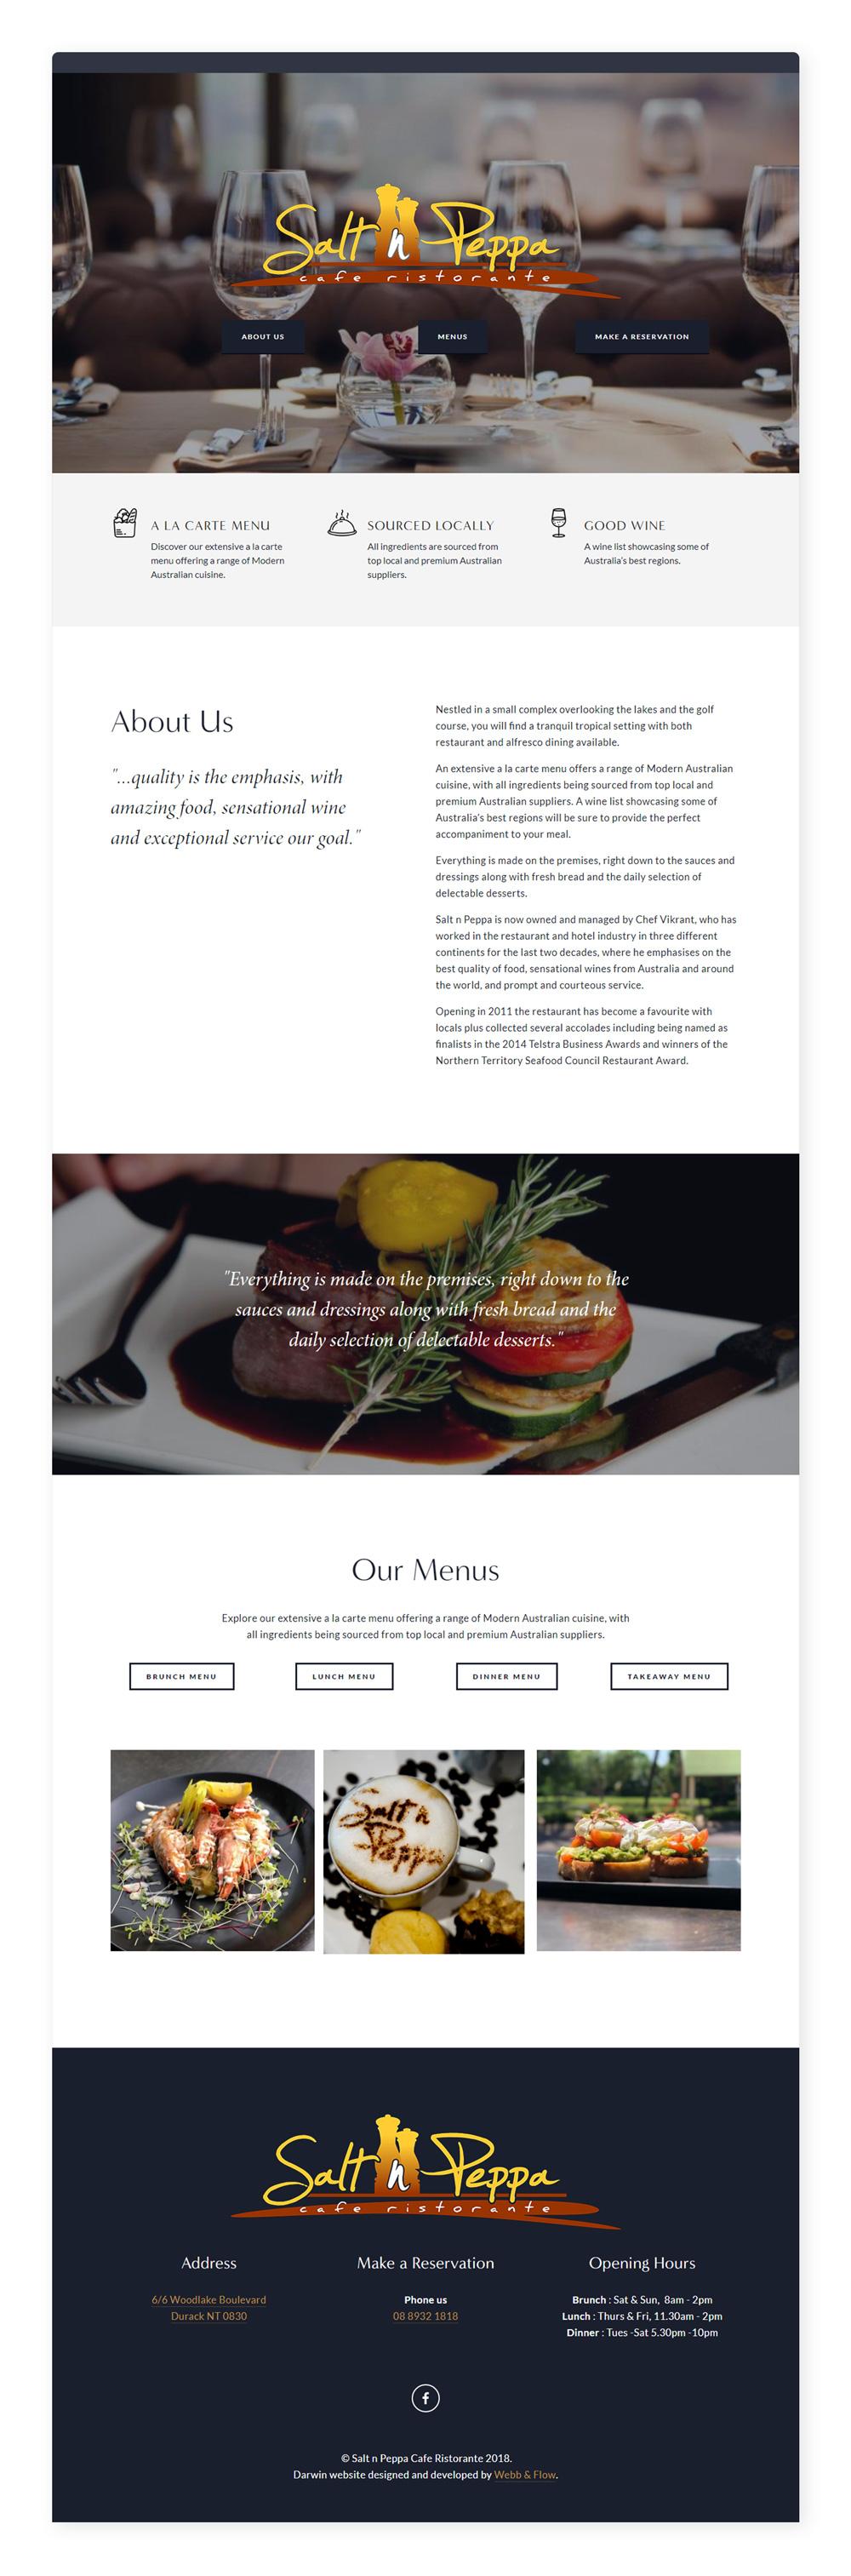 Sal n Peppa website retail food cafe restaurant